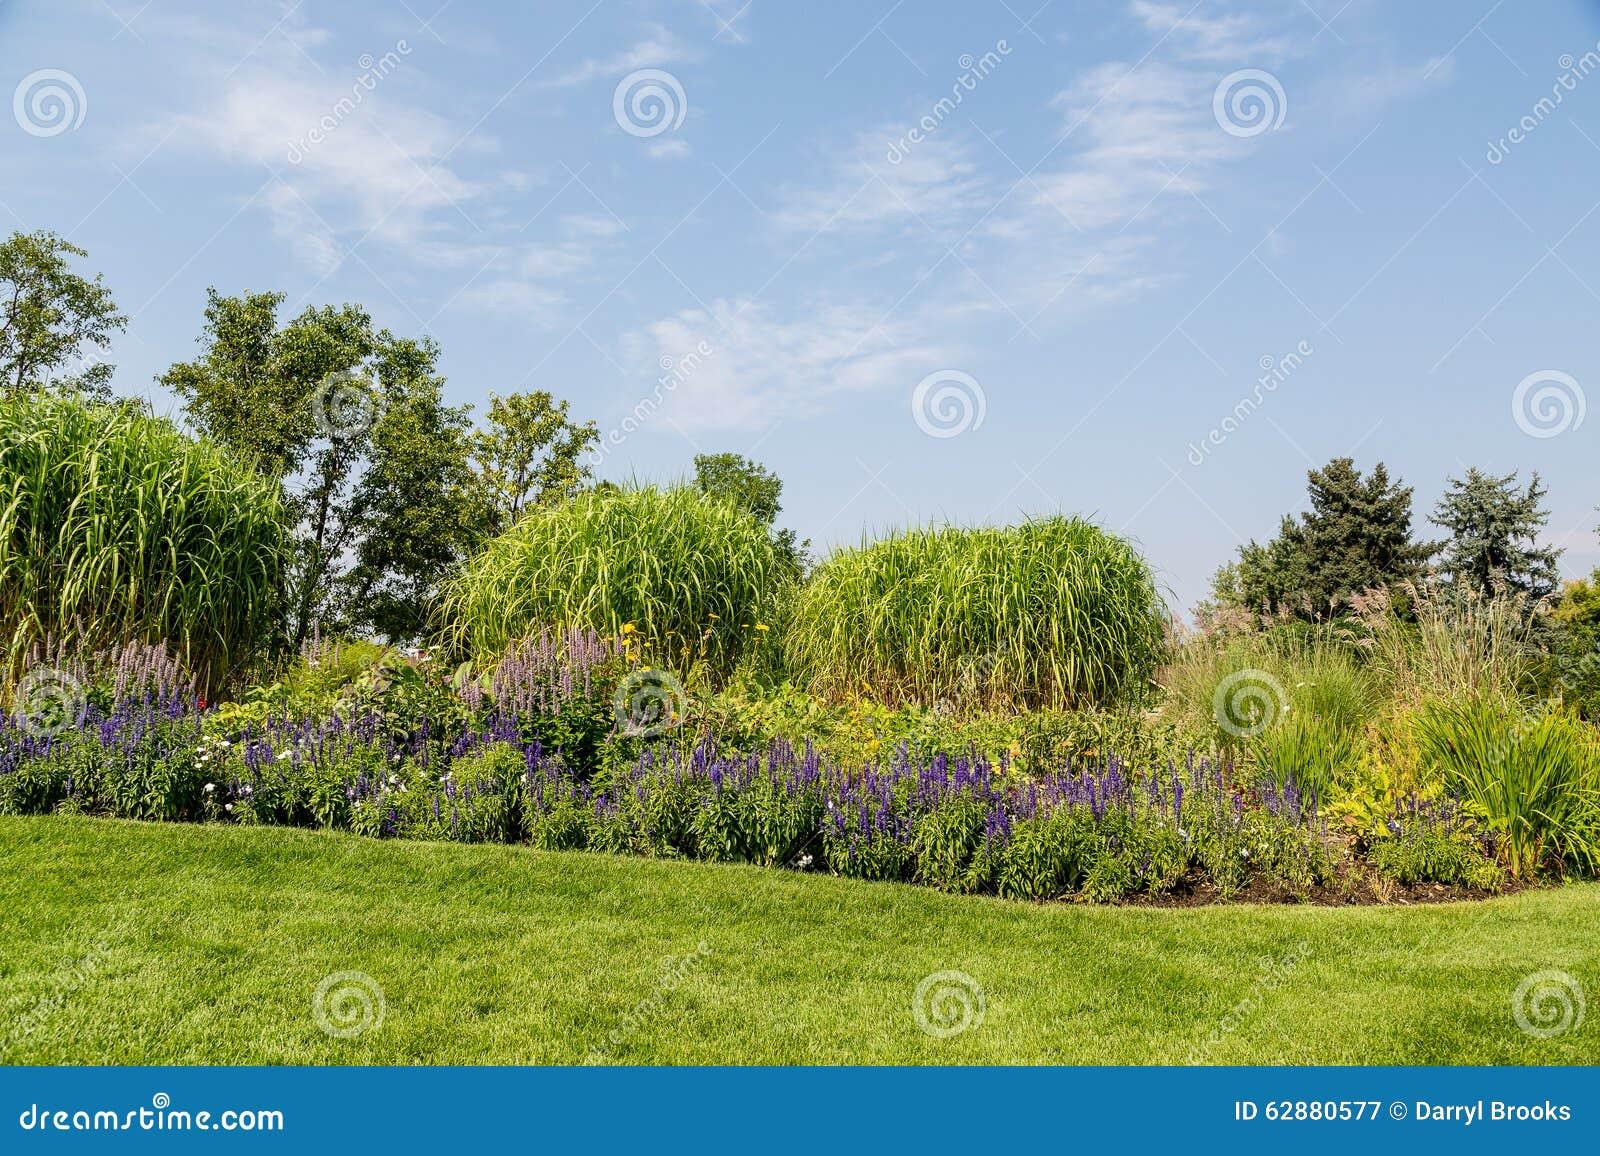 blumen und b ume auf landschaftlich gestaltetem garten h gel stockfoto bild 62880577. Black Bedroom Furniture Sets. Home Design Ideas